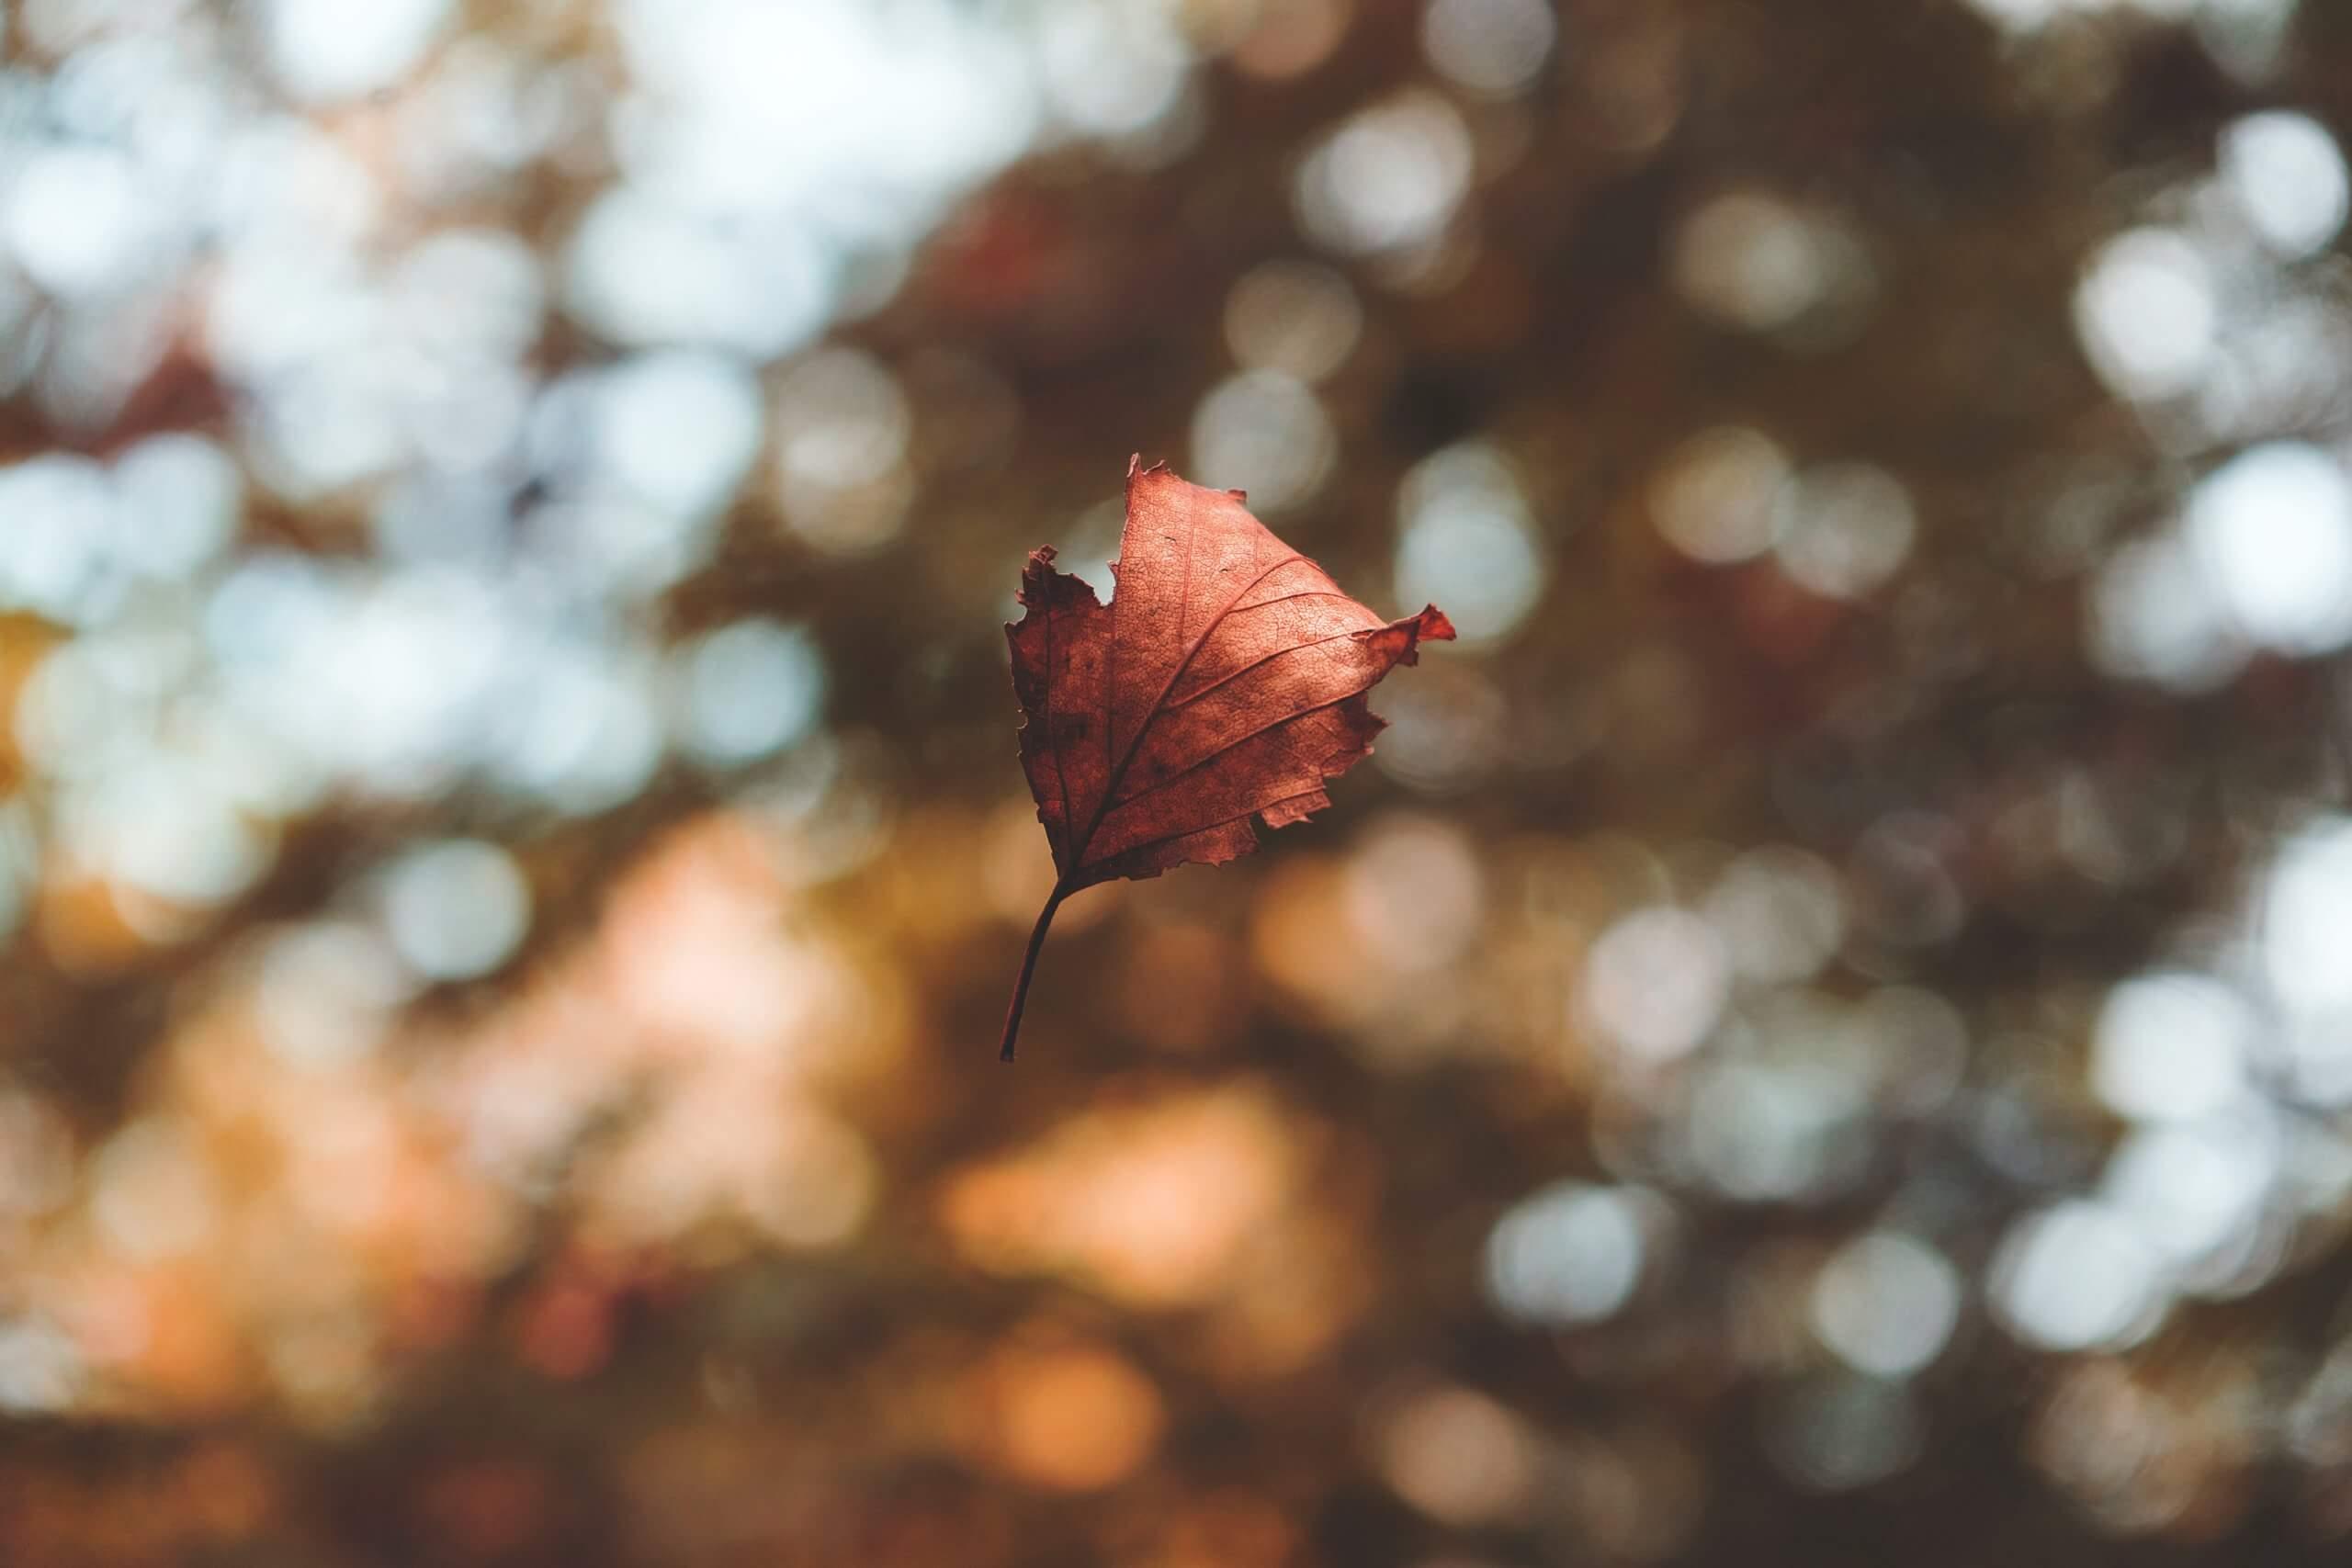 A Leaf Falls